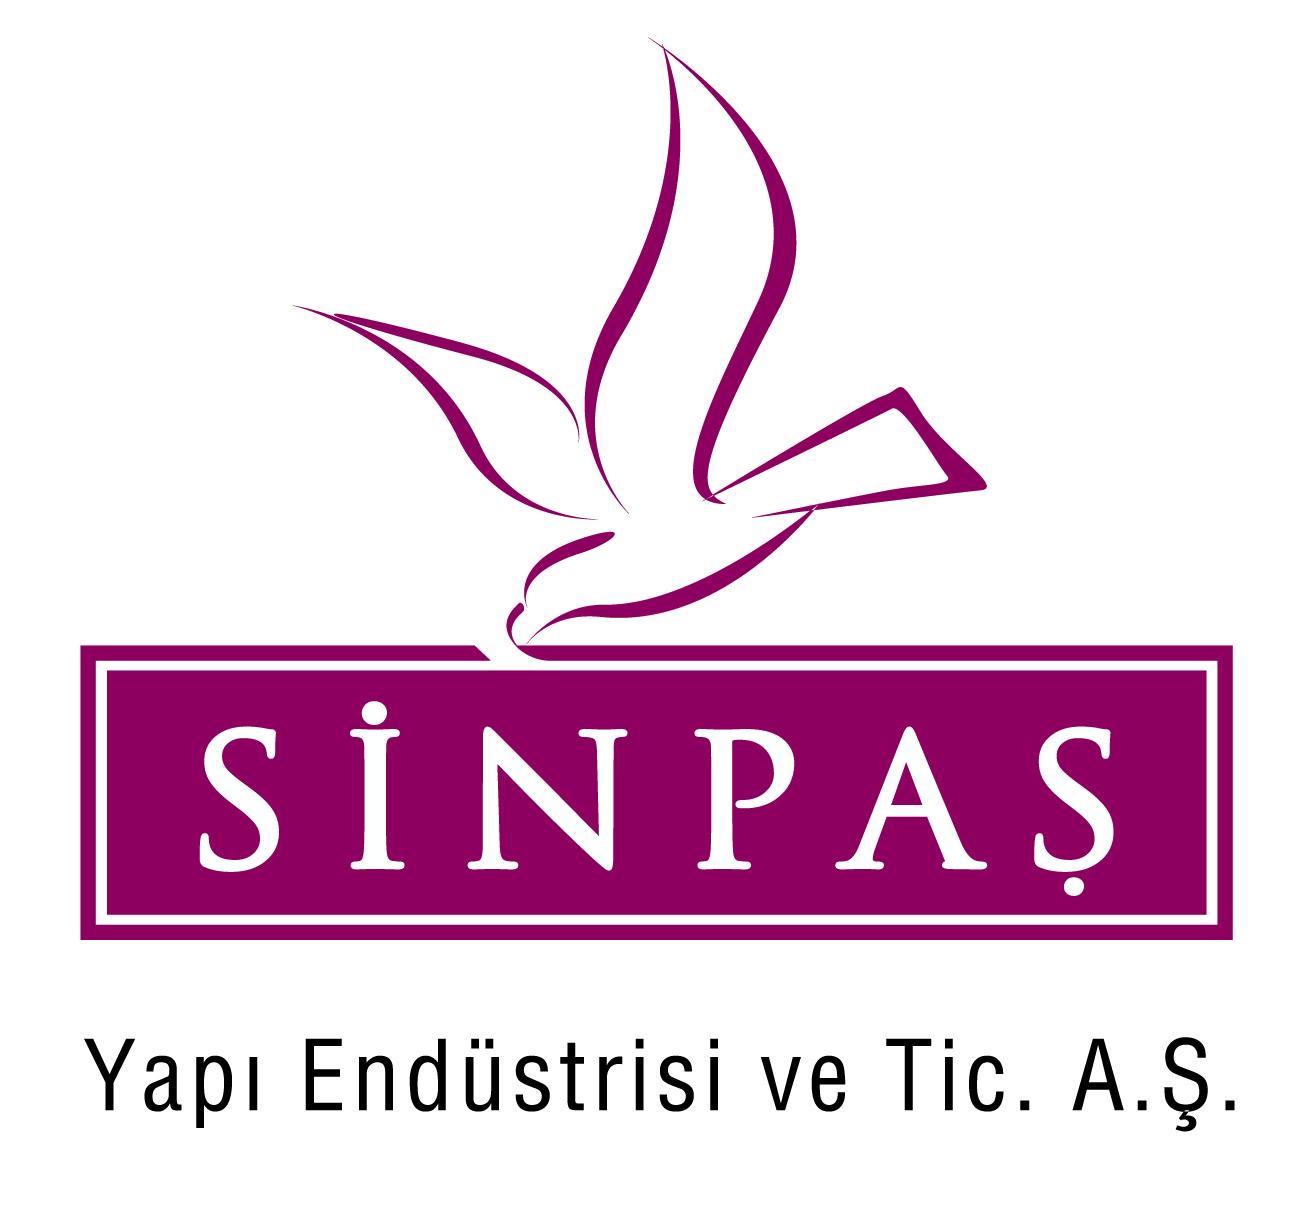 sinpas-yapi-logo-01